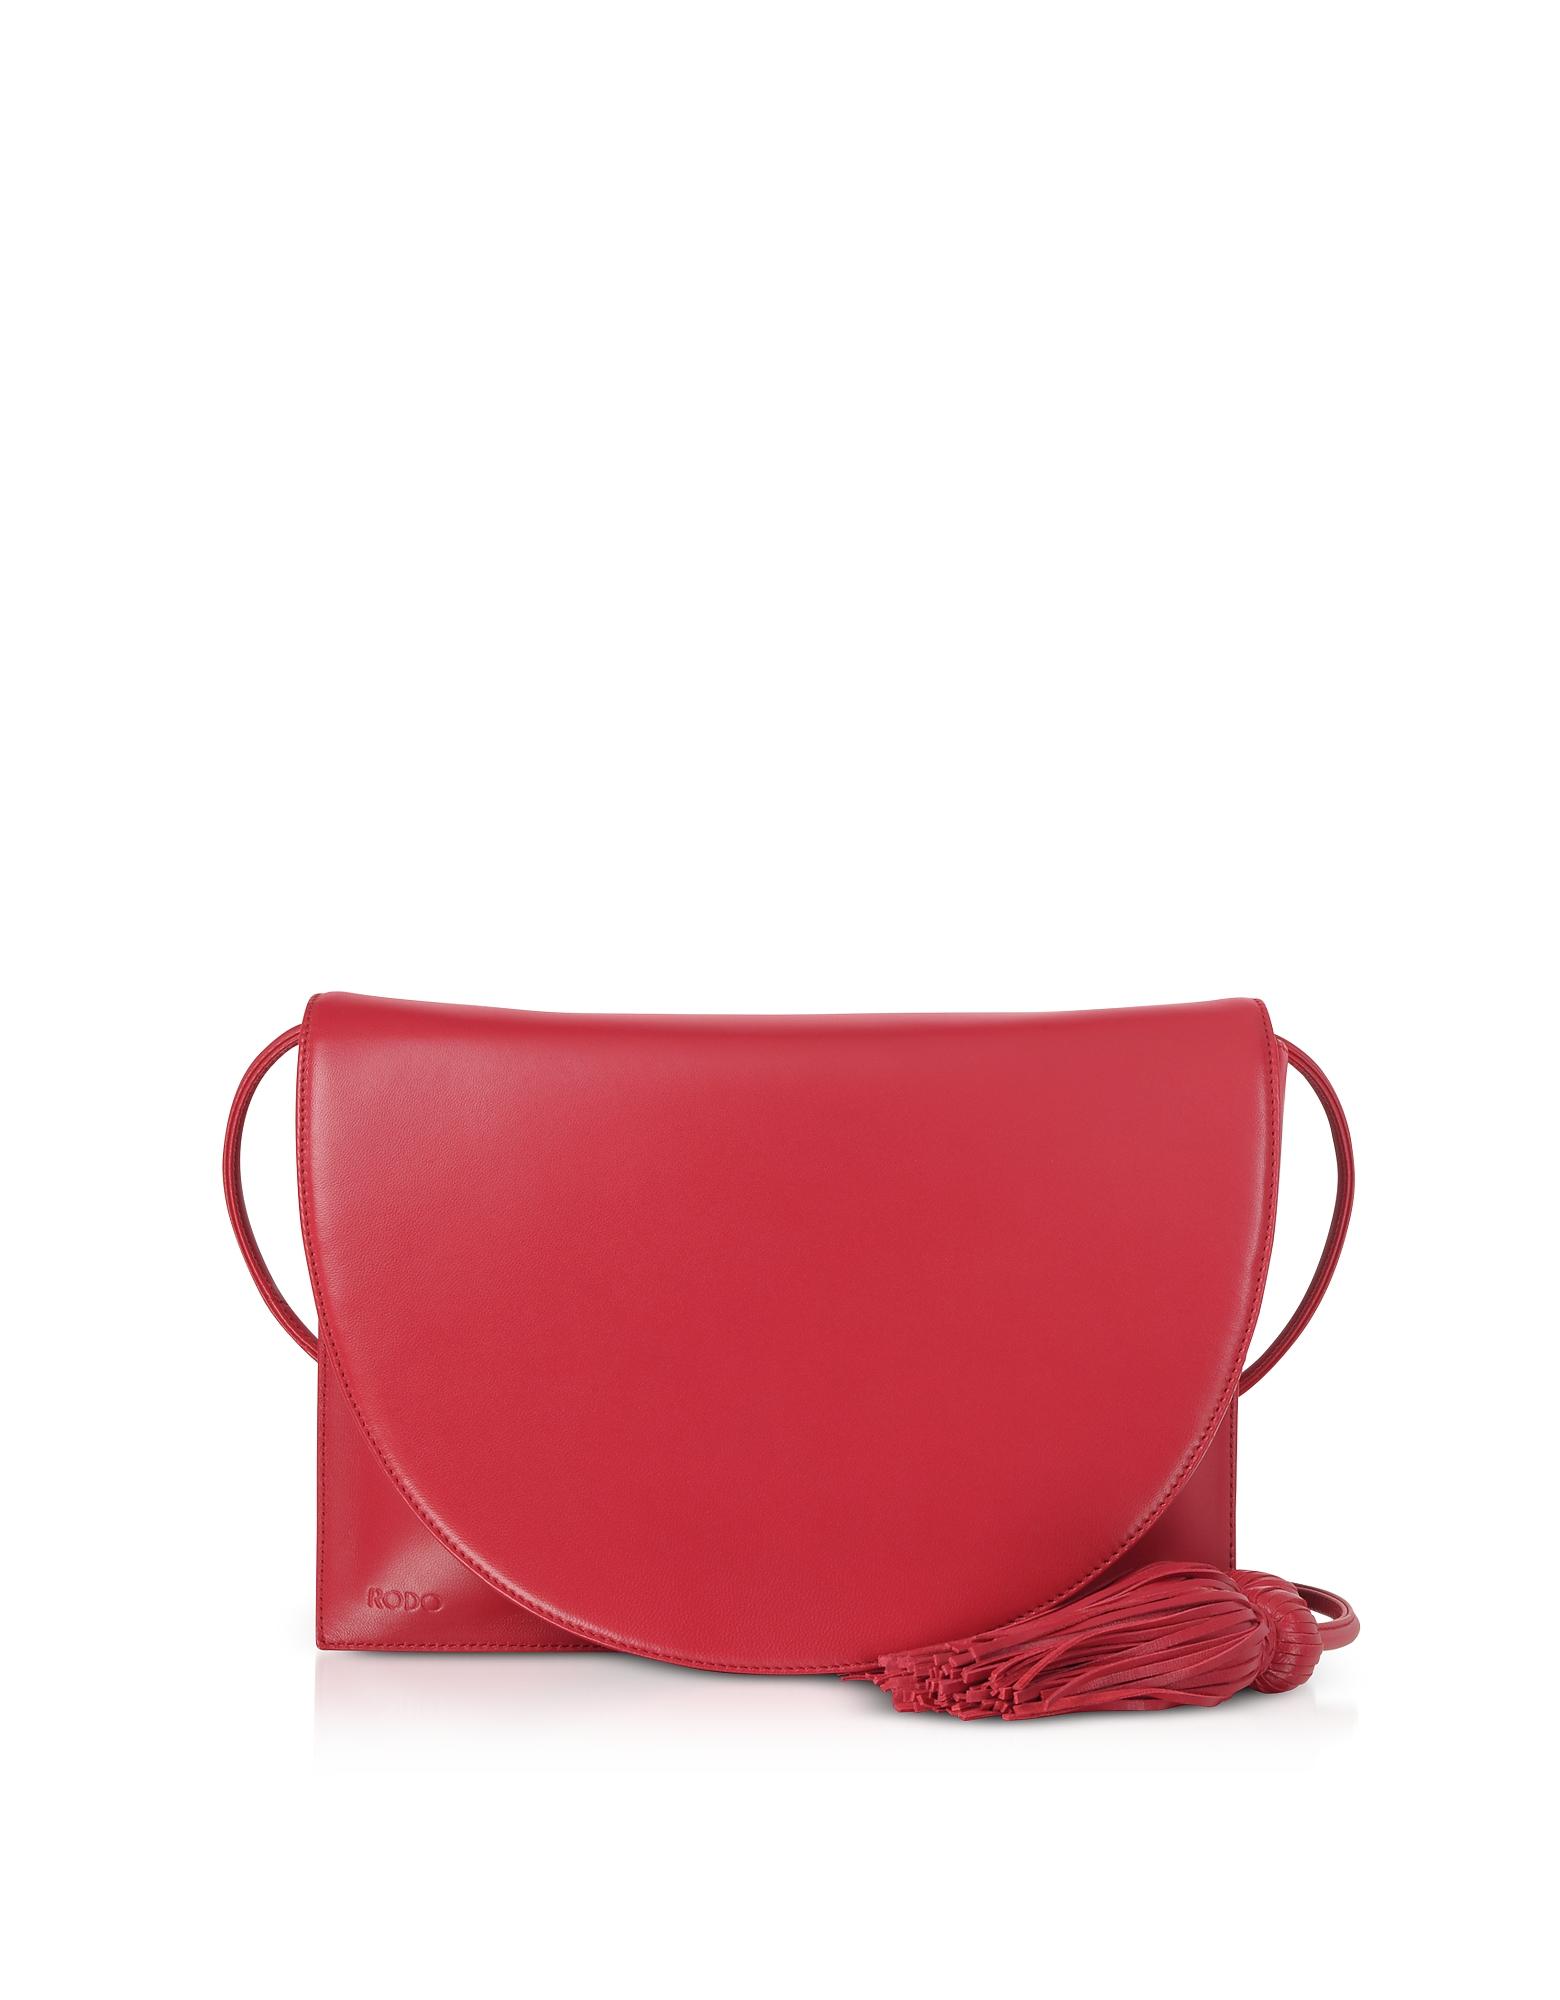 Magenta Red Nappa Leather Shoulder Bag